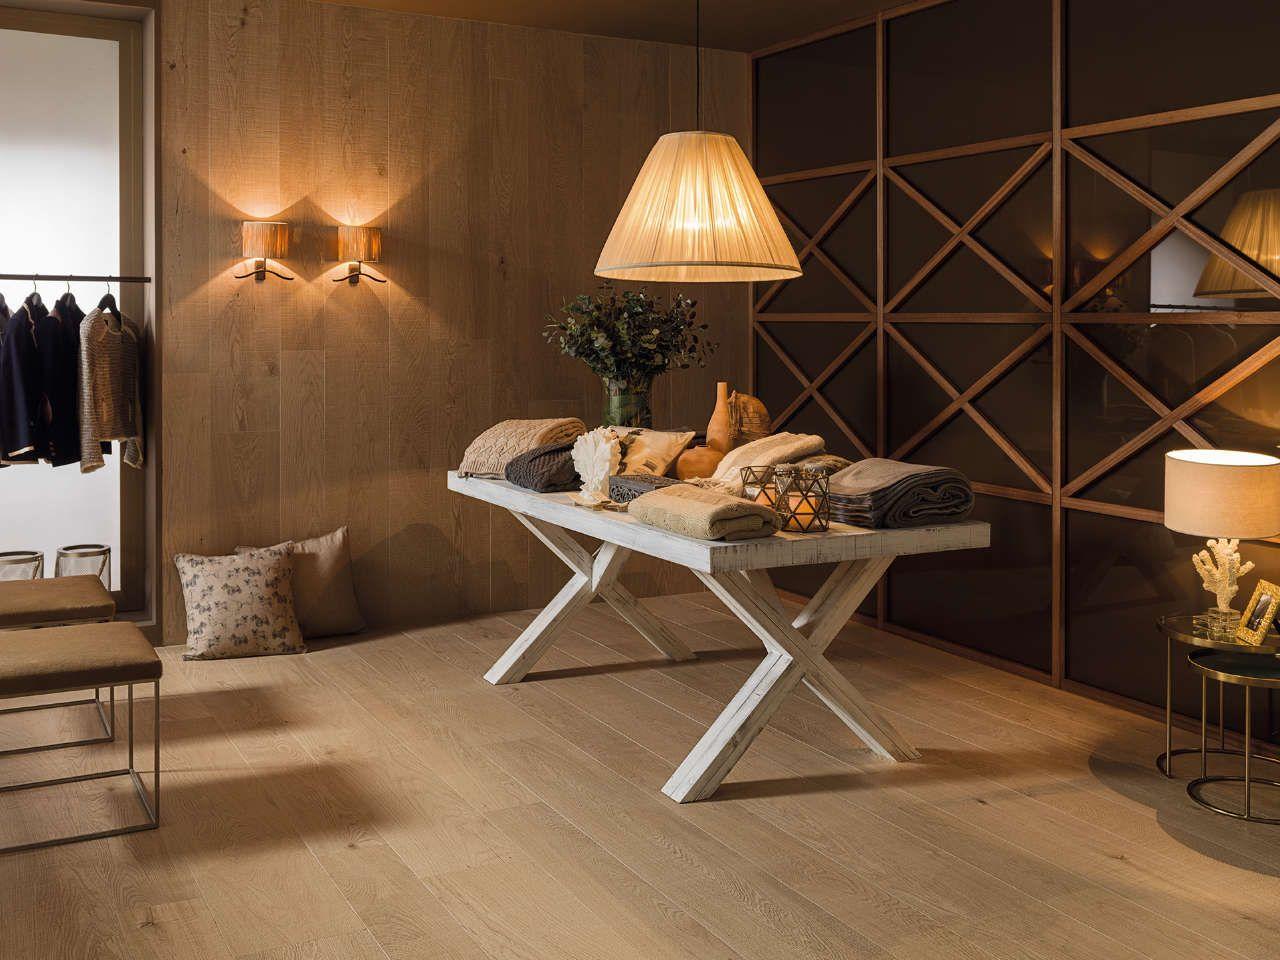 Par ker floor tiles chelsea arce 193x180 cm 294x180 cm par par ker floor tiles chelsea arce 193x180 cm 294x180 doublecrazyfo Image collections